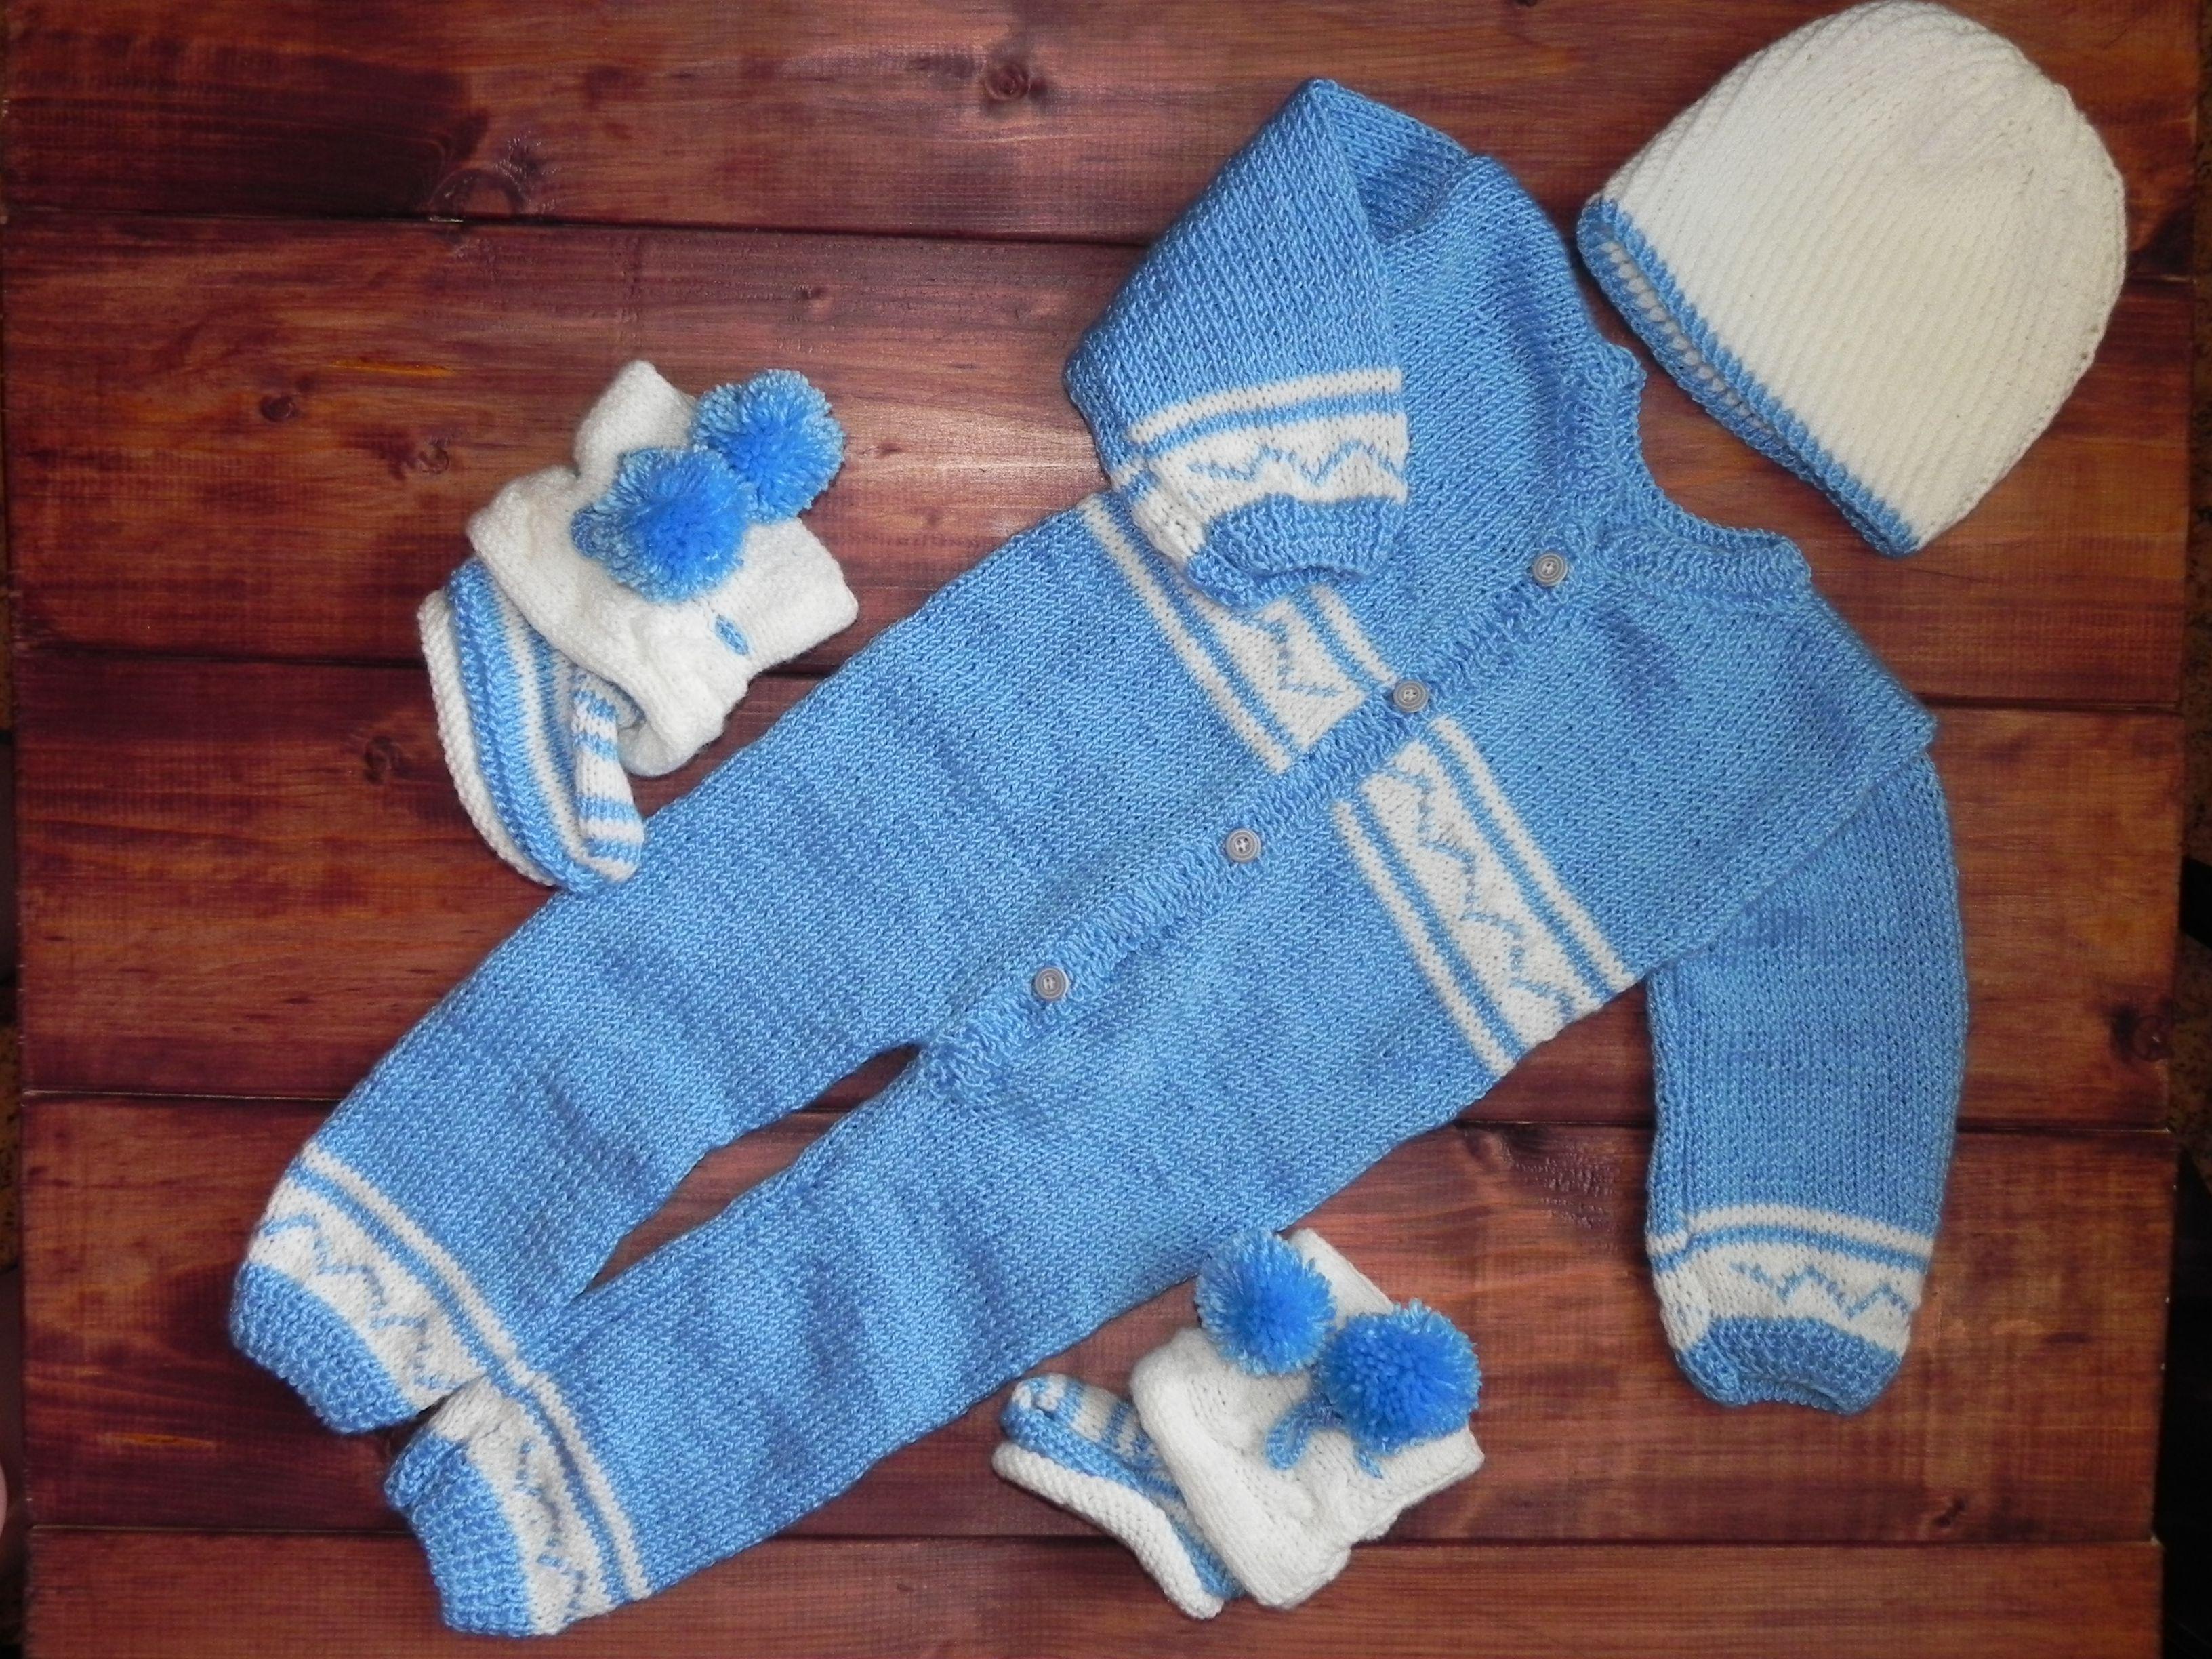 вещи детские подарок хороший вязание заказ на комплект комбинезон детям вяжу детский шапочка пинетки